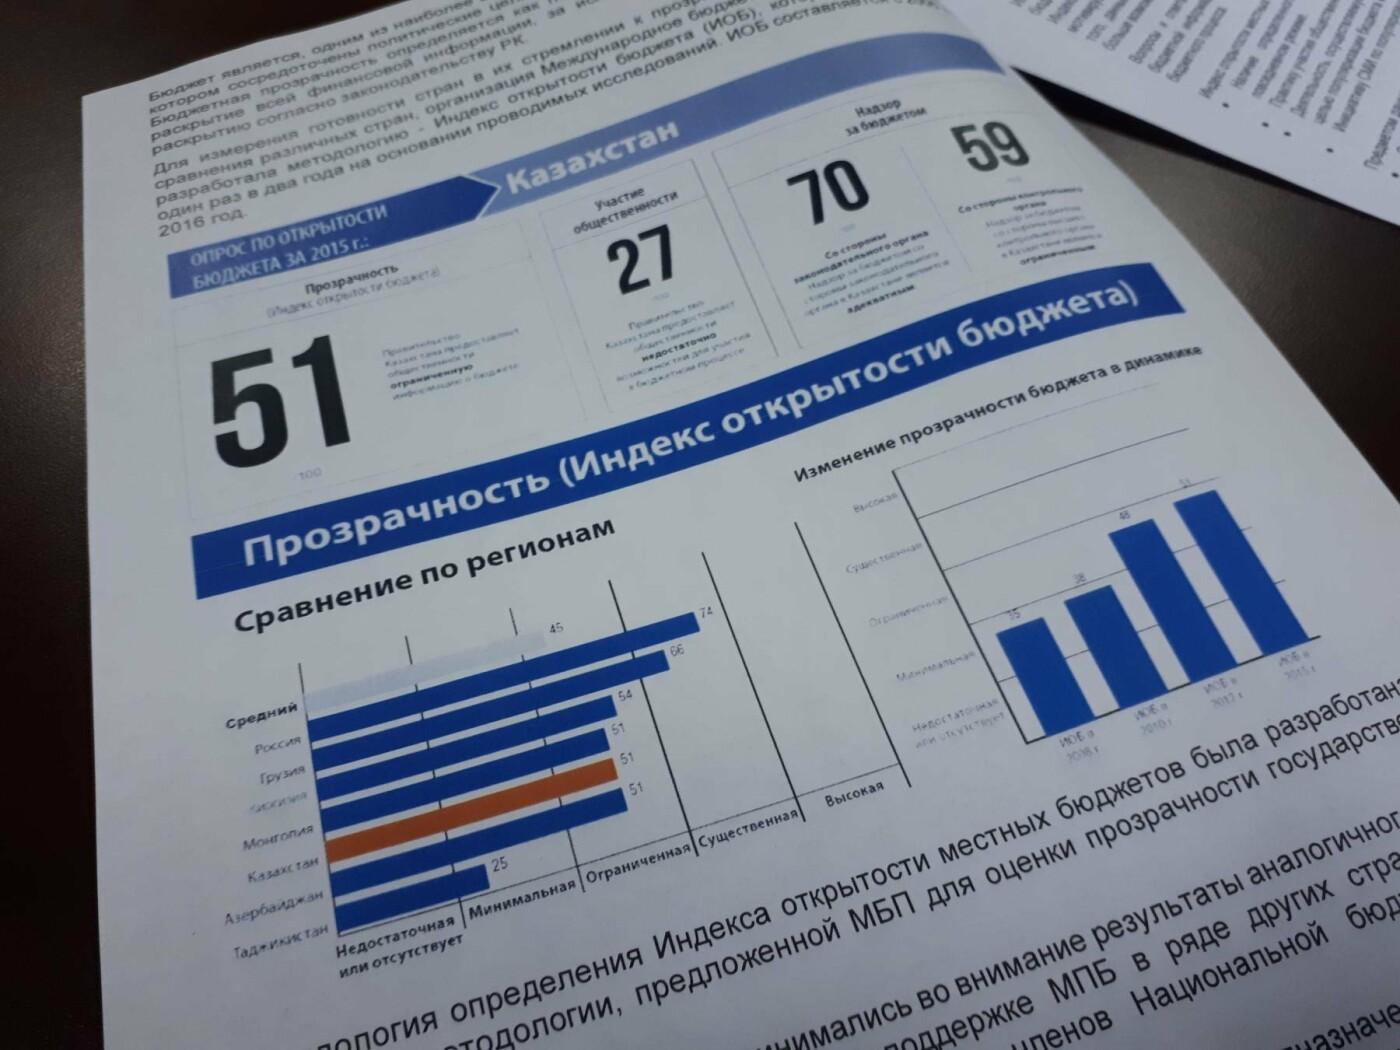 Госорганы Мангистау предоставляют минимальную информацию о трате бюджета, фото-3